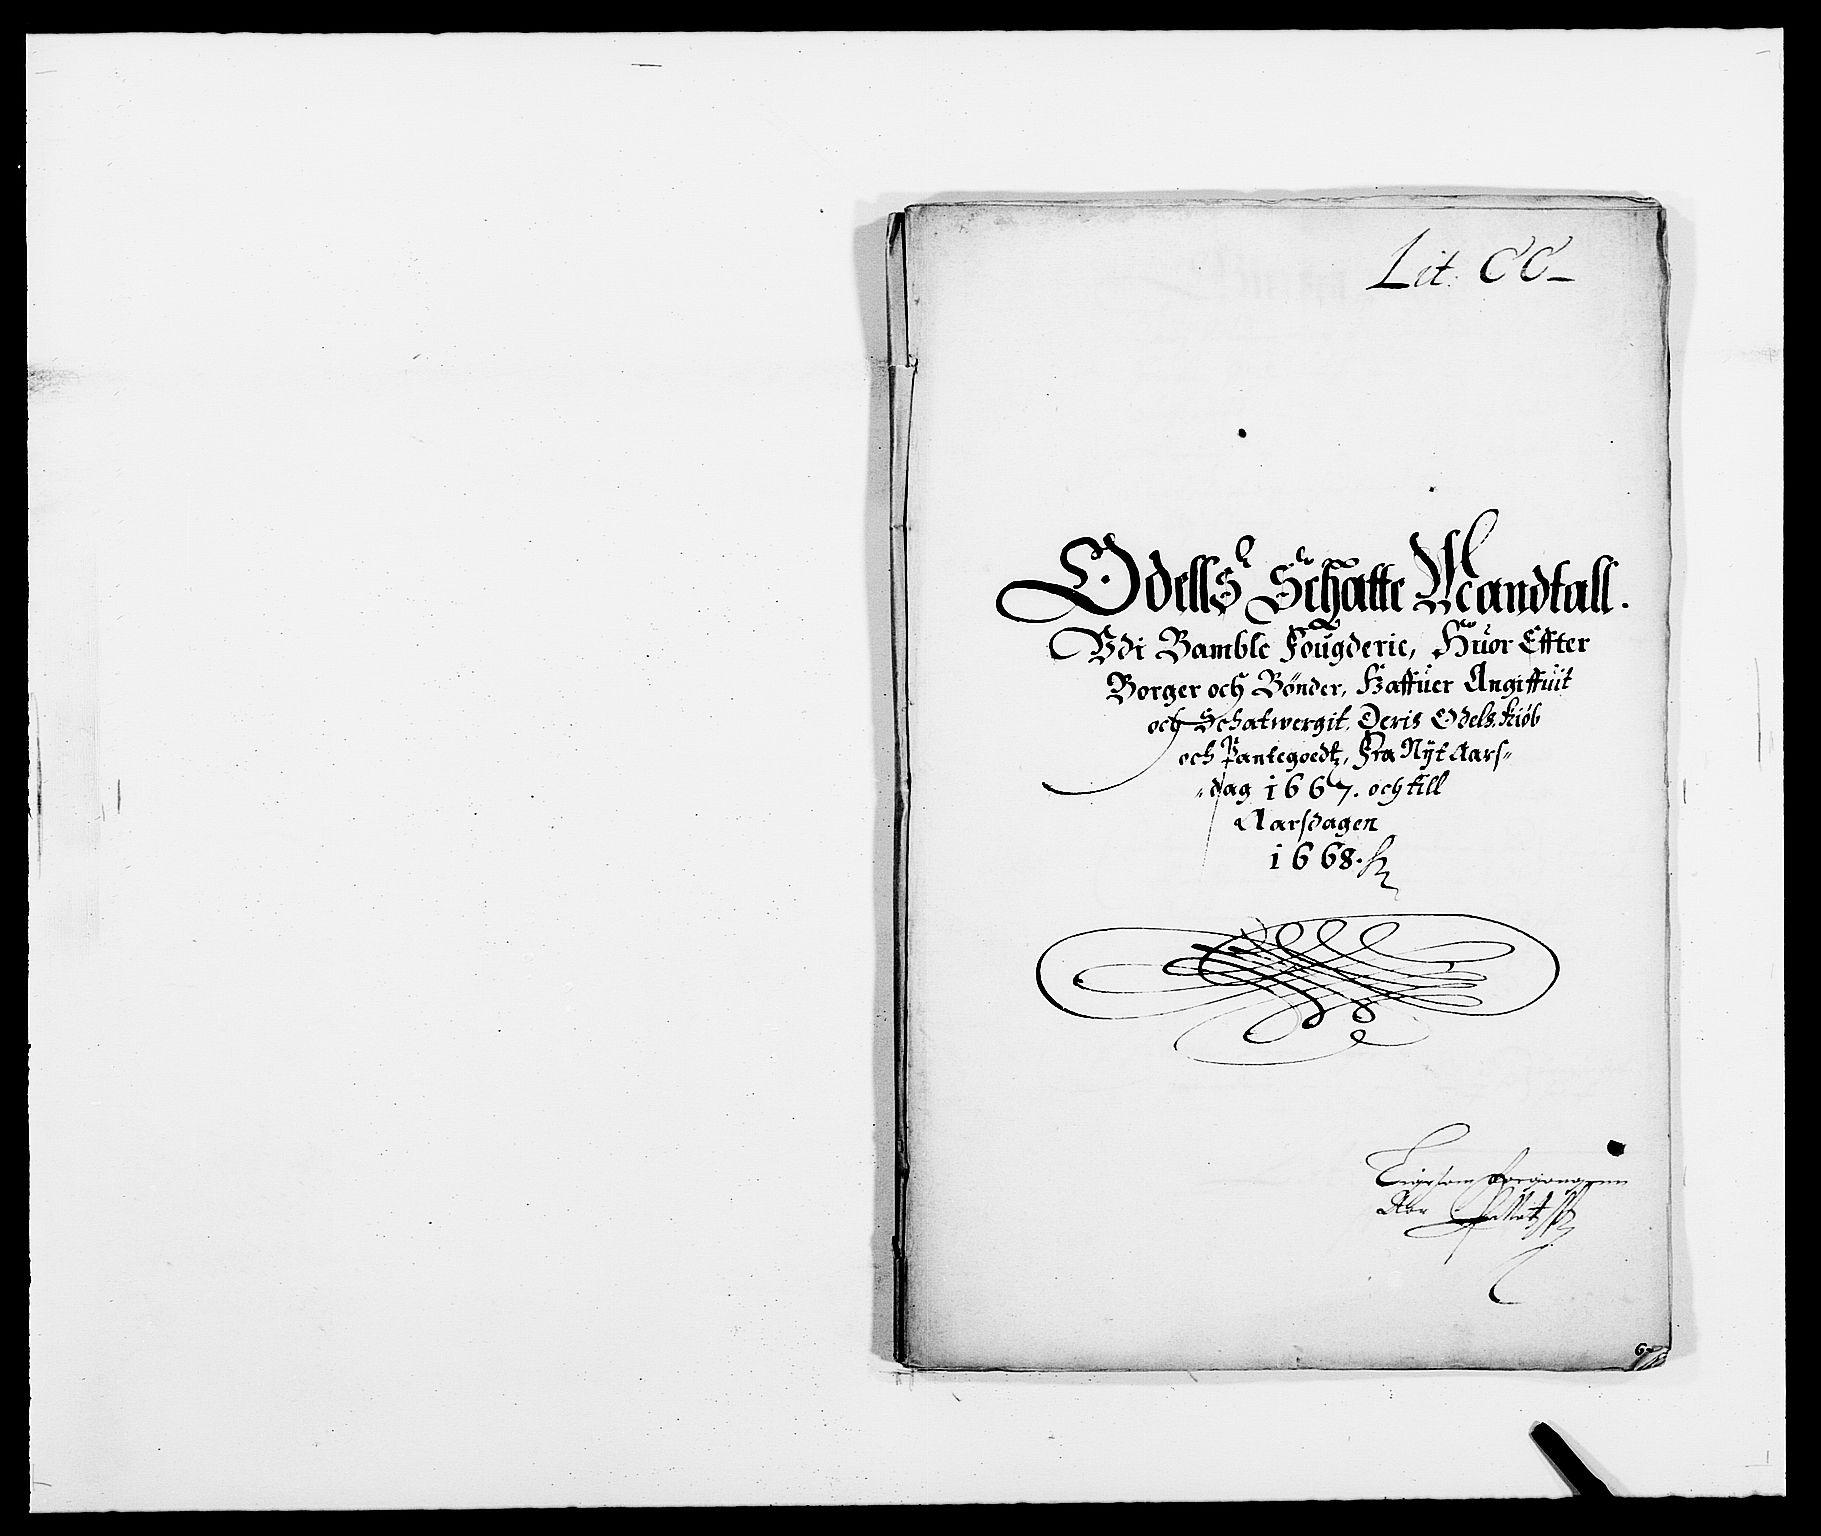 RA, Rentekammeret inntil 1814, Reviderte regnskaper, Fogderegnskap, R34/L2039: Fogderegnskap Bamble, 1662-1669, s. 249